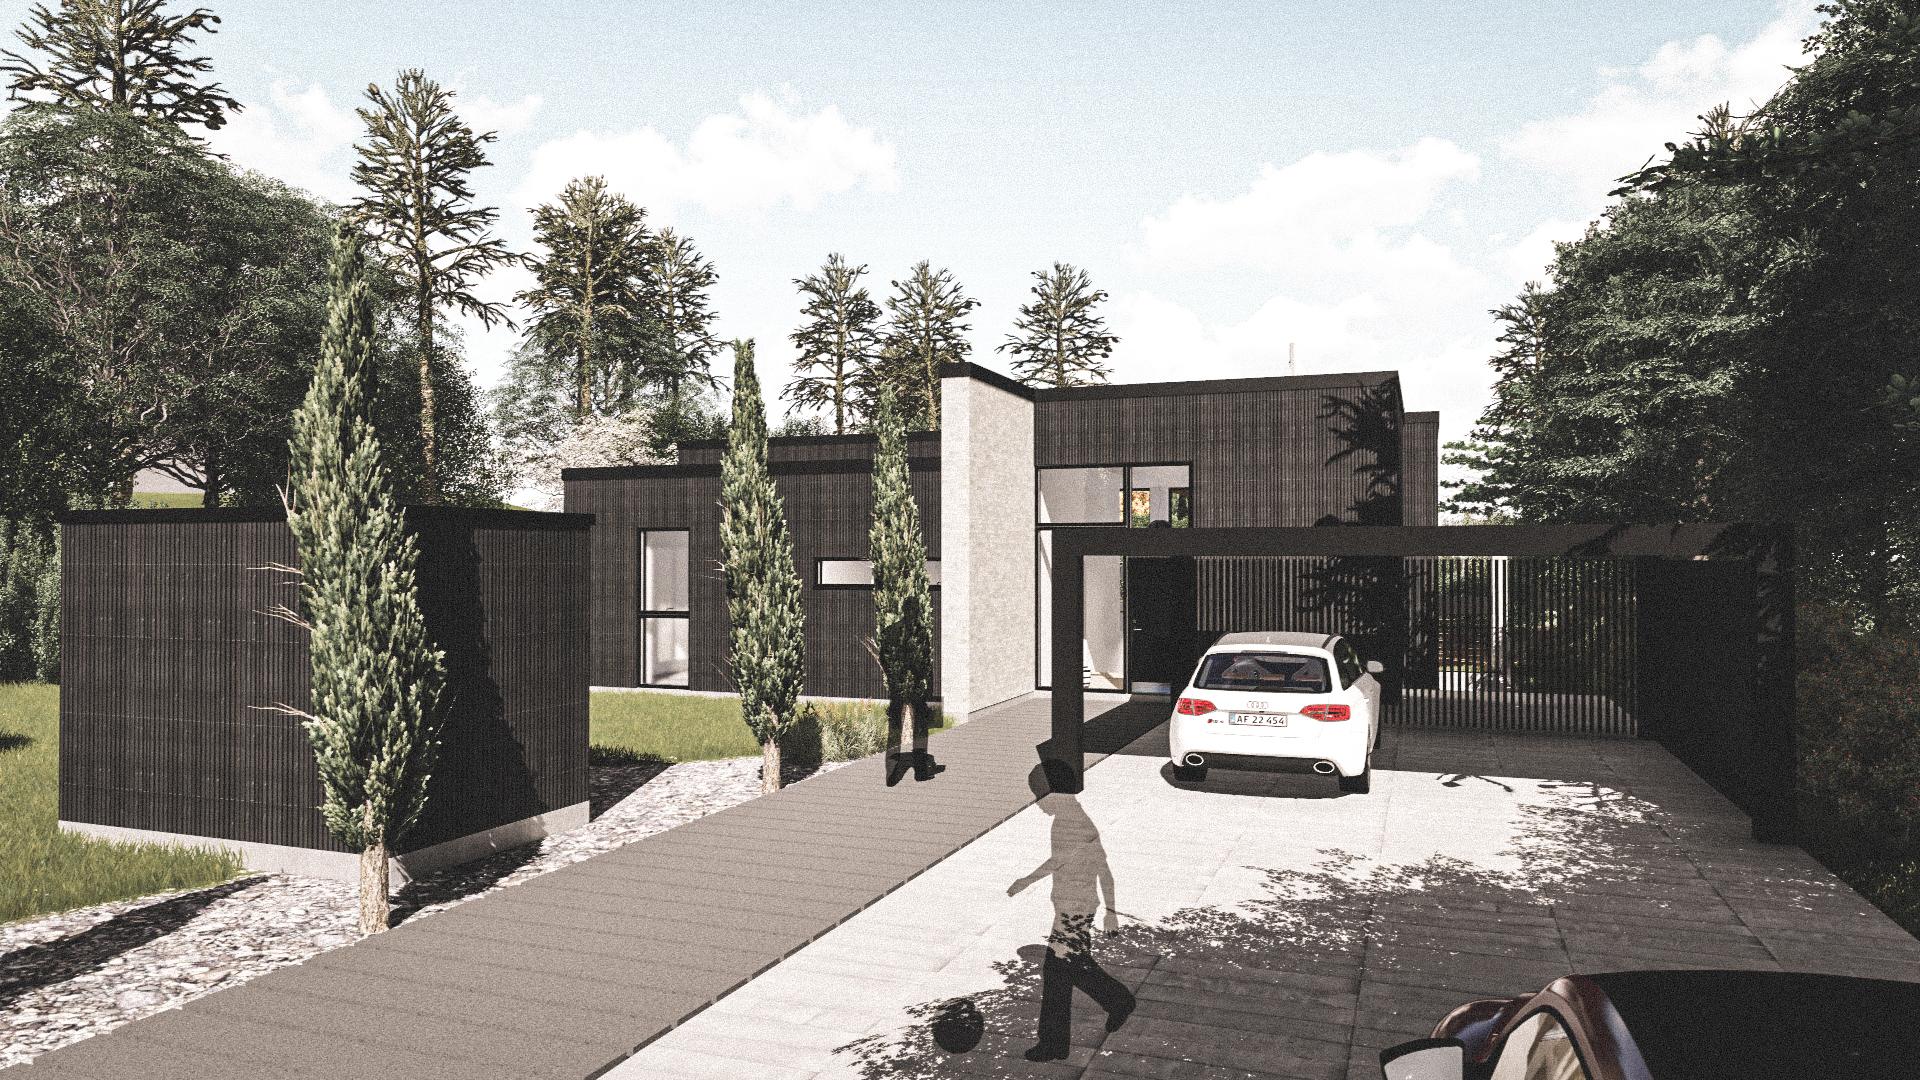 Billede af Dansk arkitekttegnet 2 plan villa af arkitektfirmaet m2plus, i Silkeborg på 274 kvartratmeter.